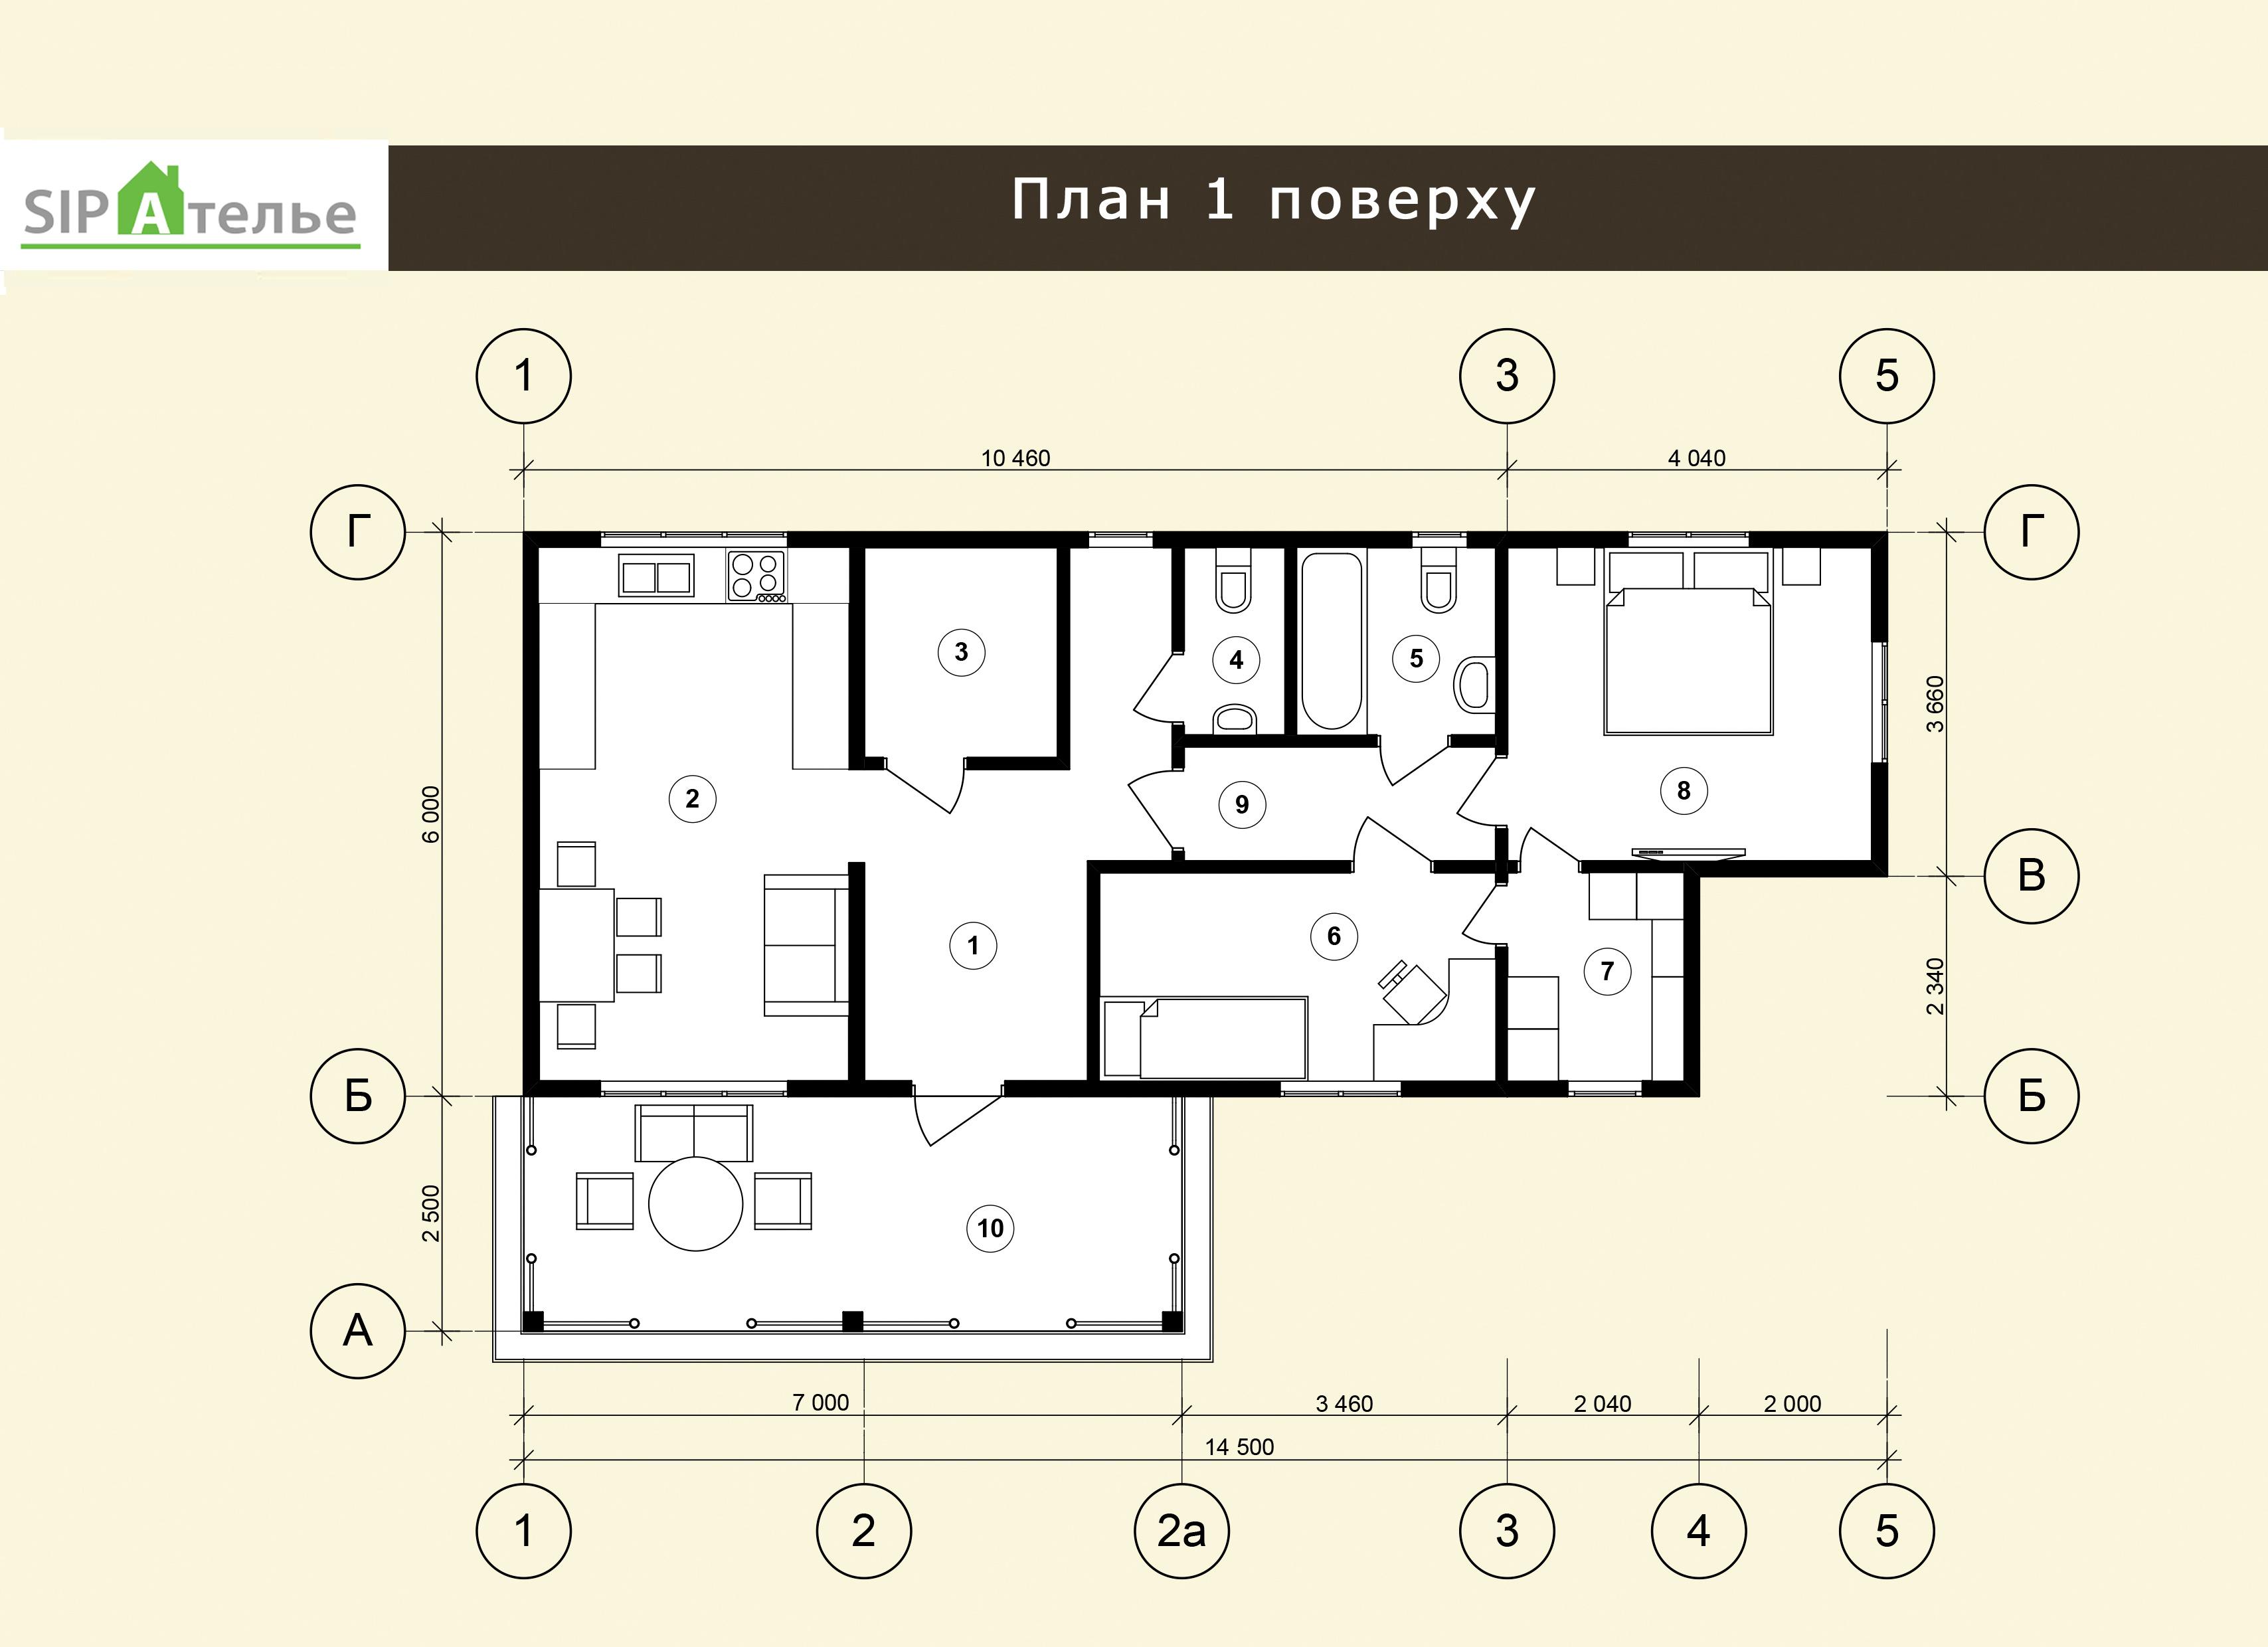 Планировка одноэтажного дома из сип панелей Гудаури - 82,32 М2